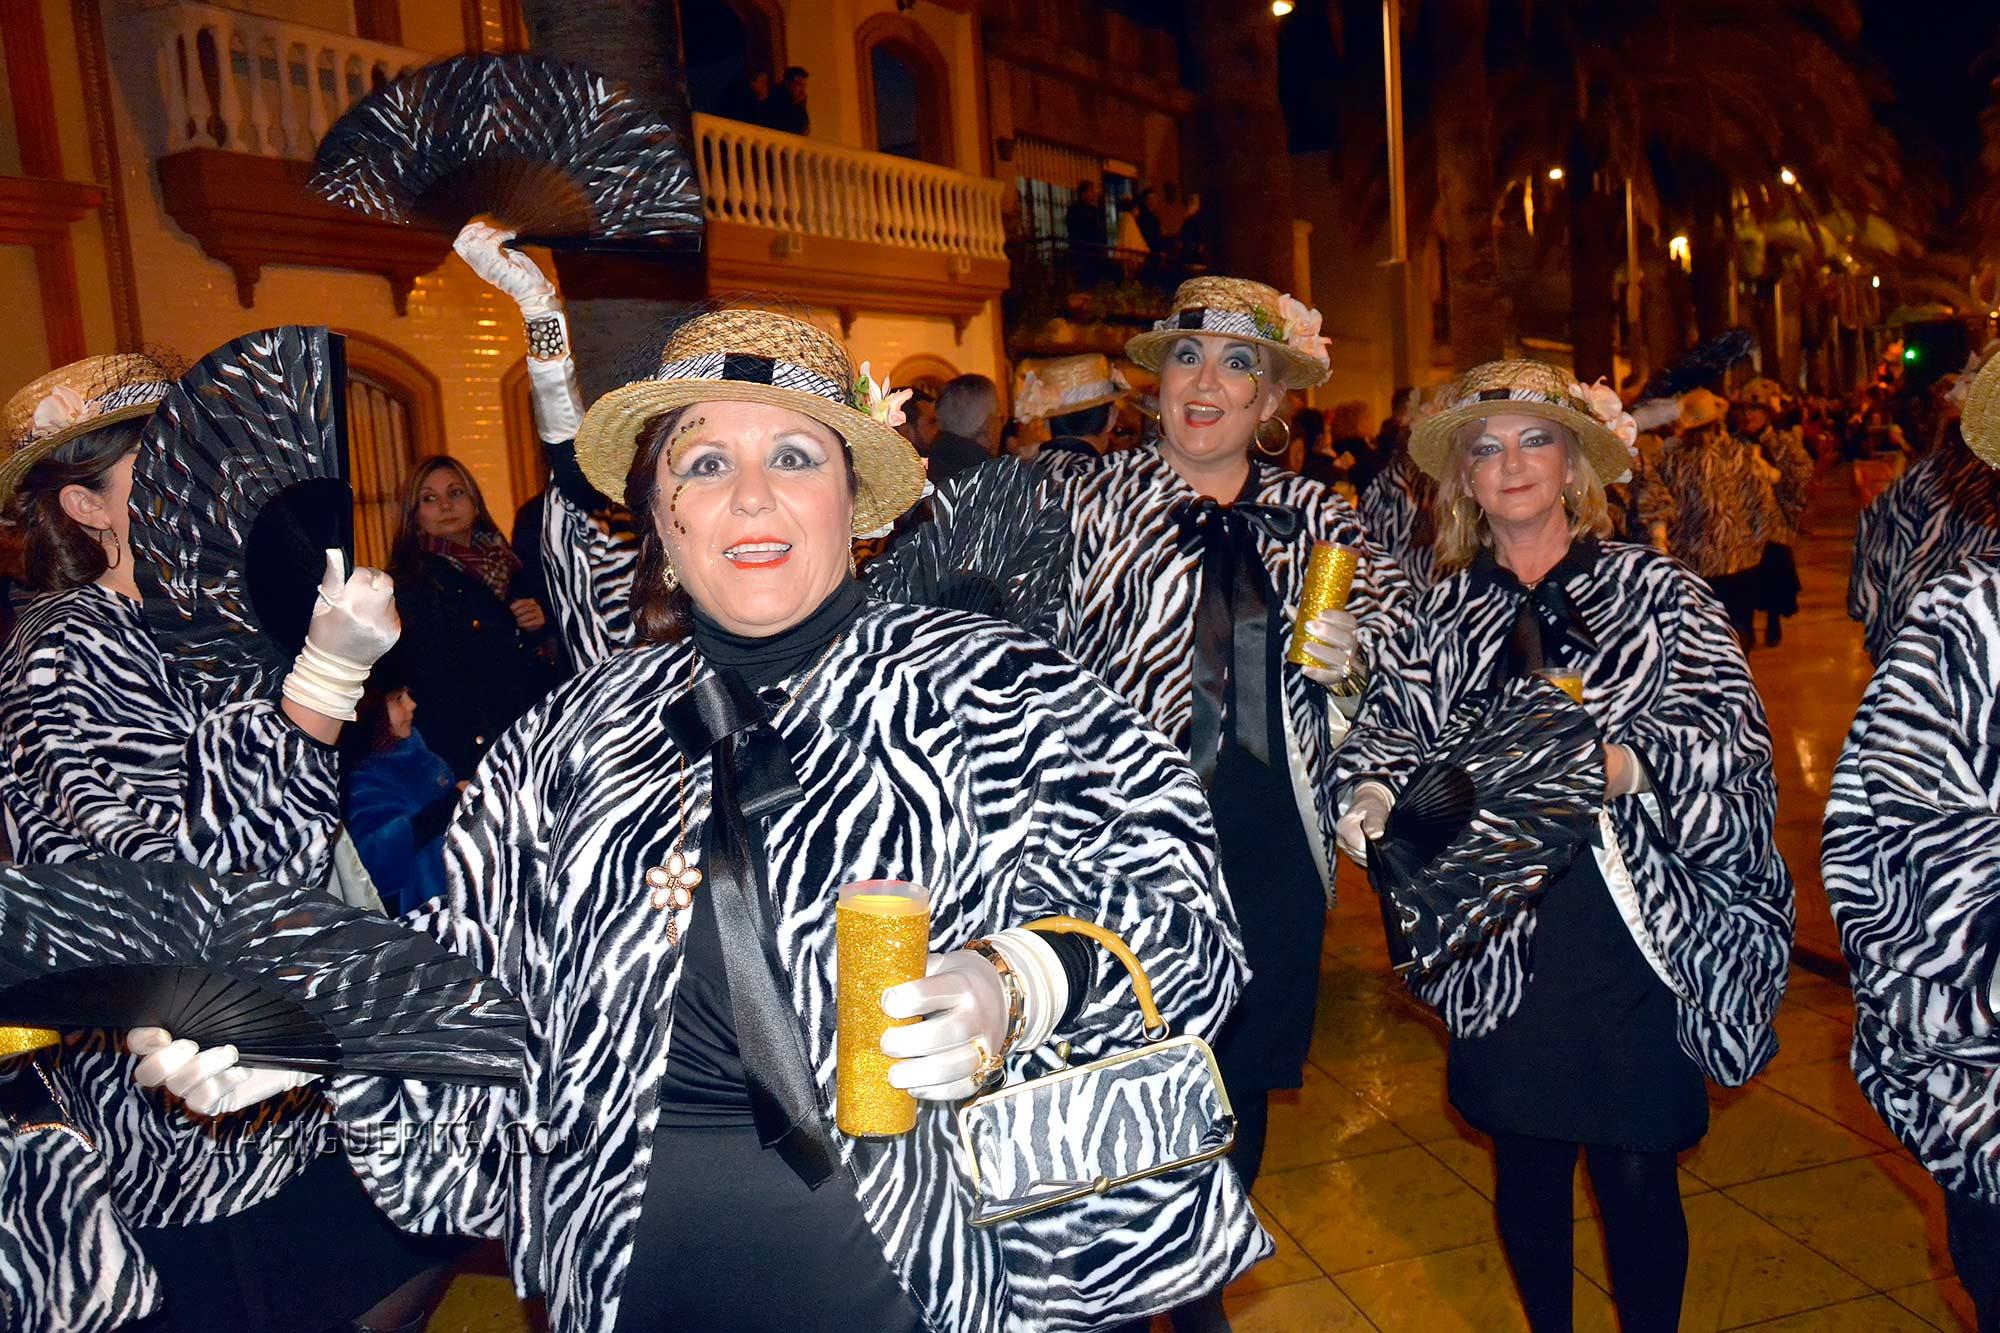 Entierro de la sardina carnaval isla cristina _DSC2218